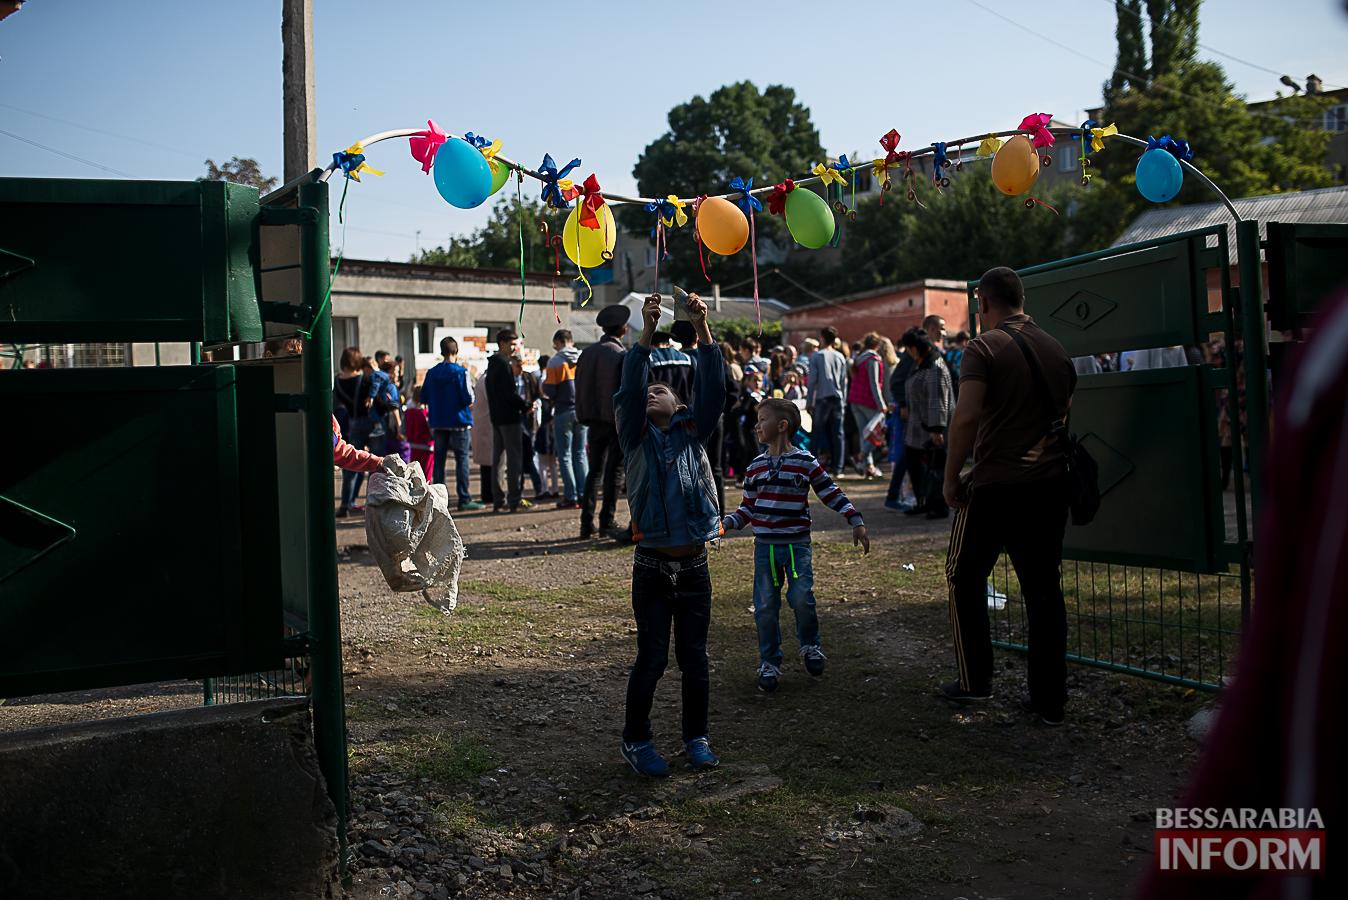 SME_0127 Измаил: в ОШ №16 прошла благотворительная сладкая ярмарка (фото)